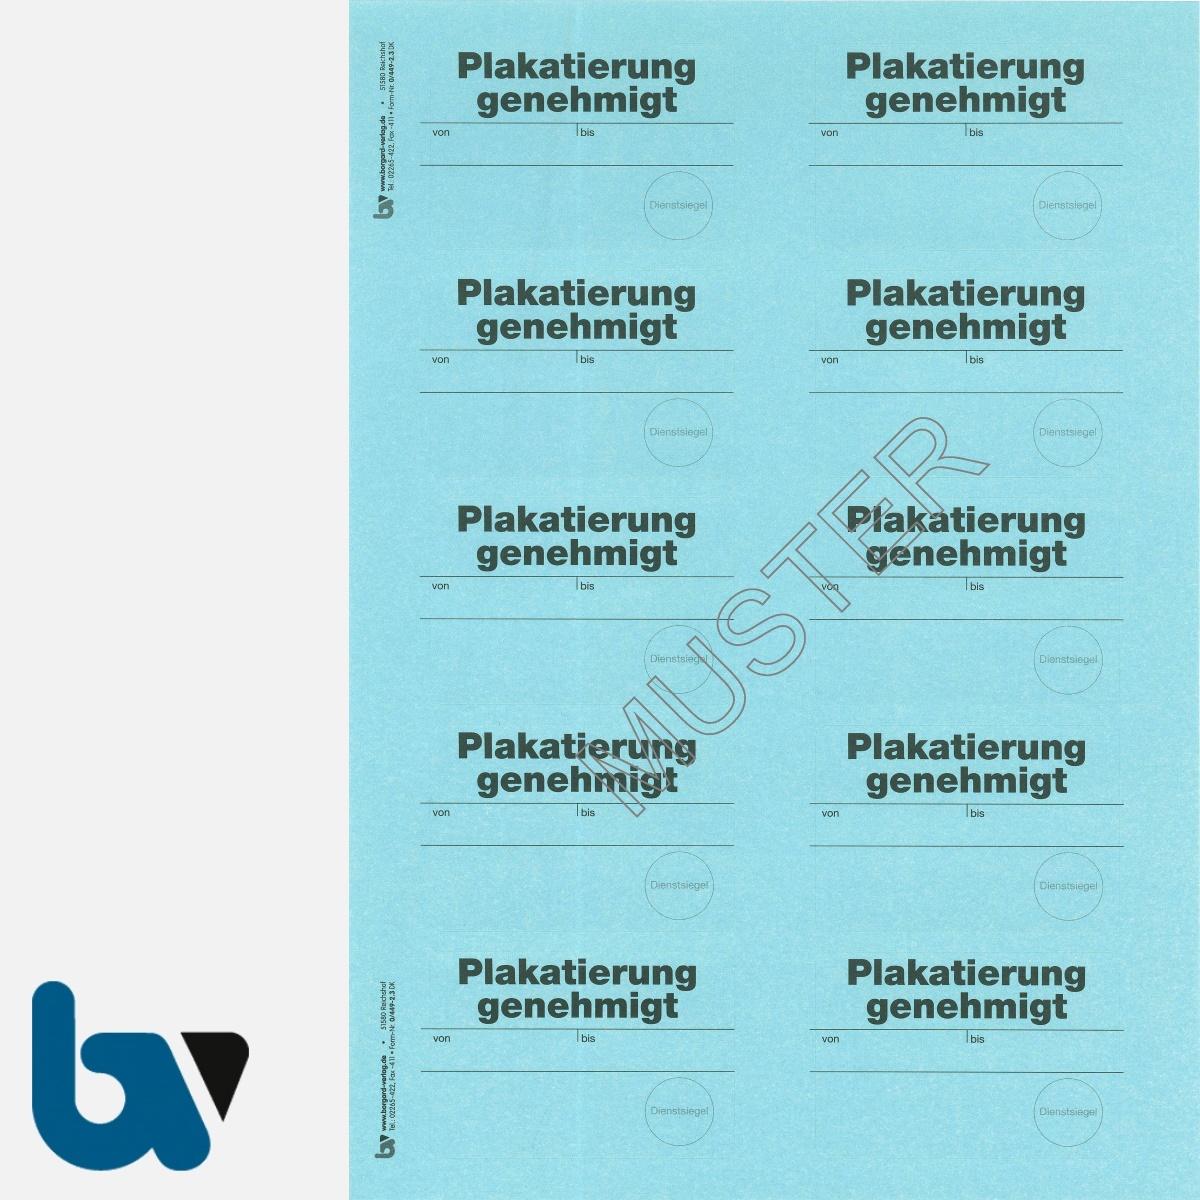 0/449-2.3 Aufkleber Plakatierung genehmigt leucht-blau 75 50 selbstklebend Bogen 10 Stück DIN A4   Borgard Verlag GmbH